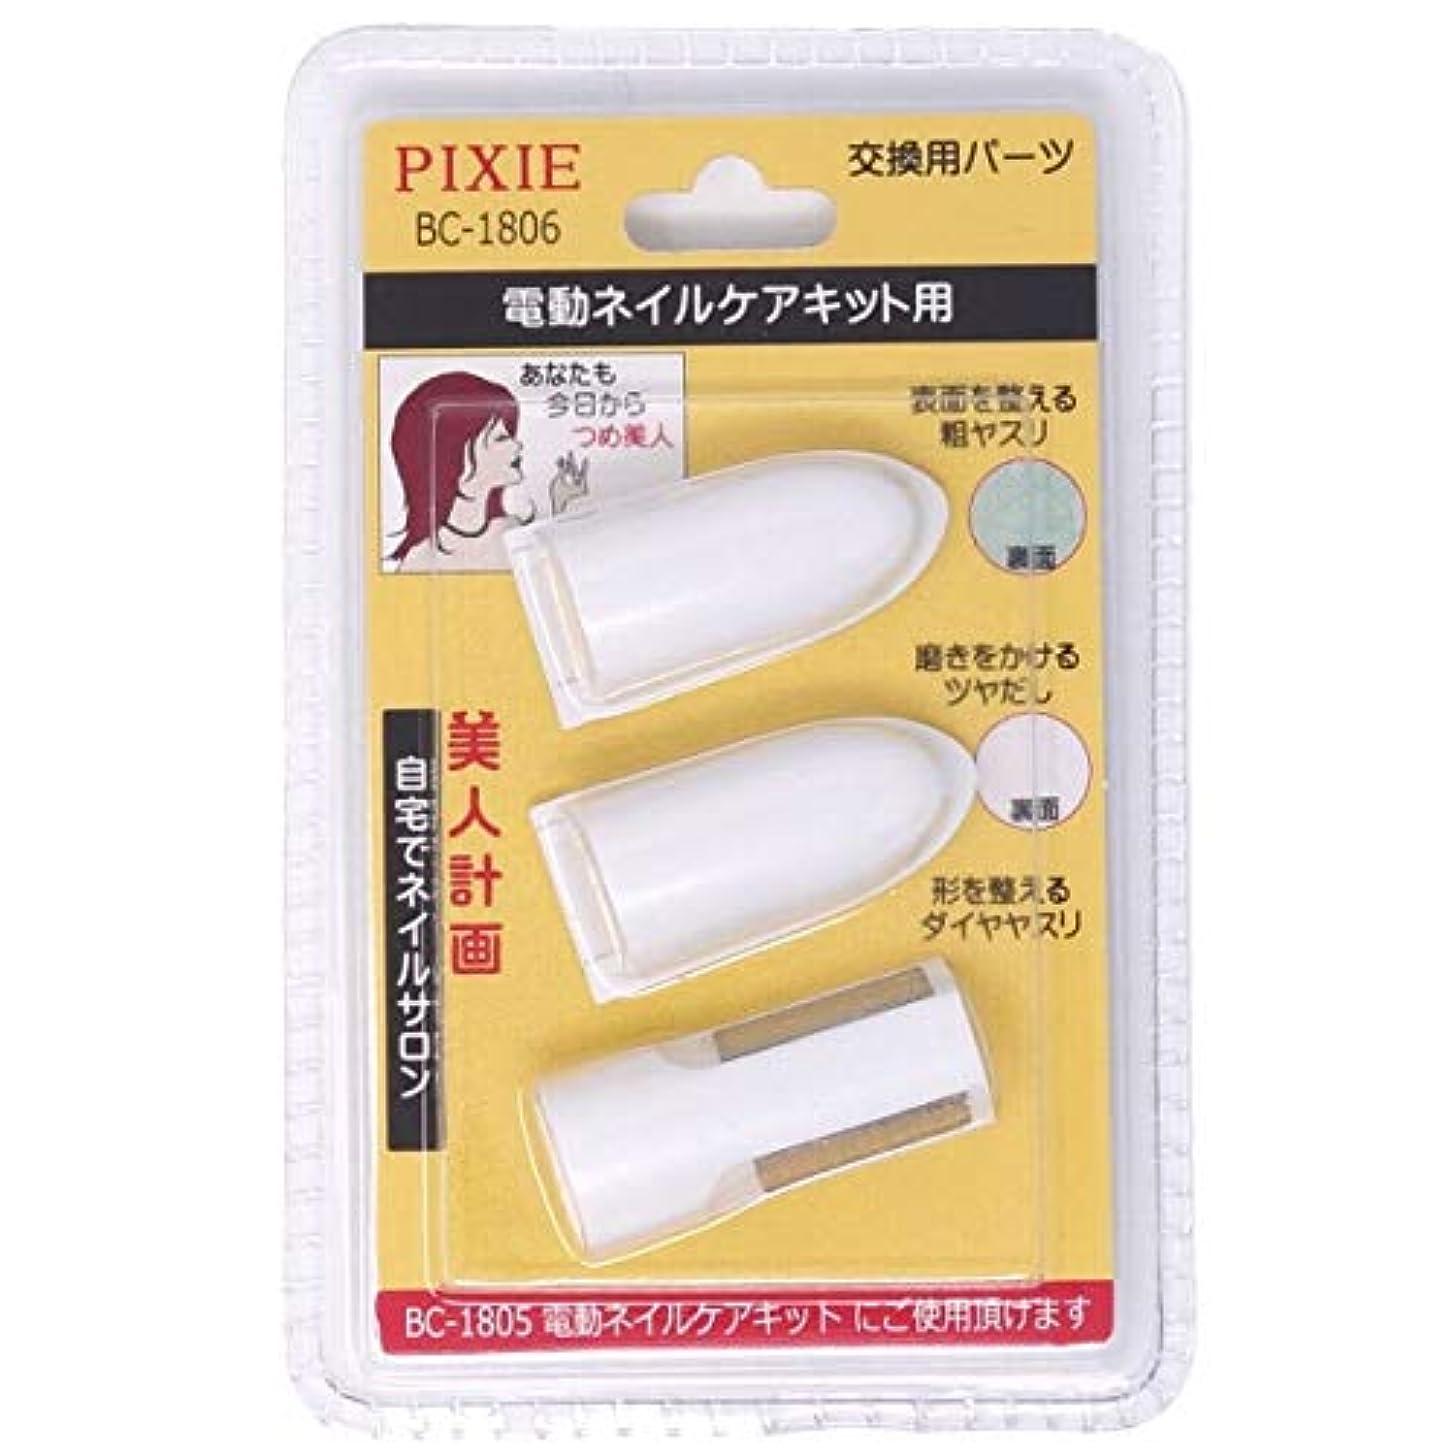 添加剤することになっている孤独な爪美人 電動ネイルケアキット用 交換パーツセット PIXIE BC-1807